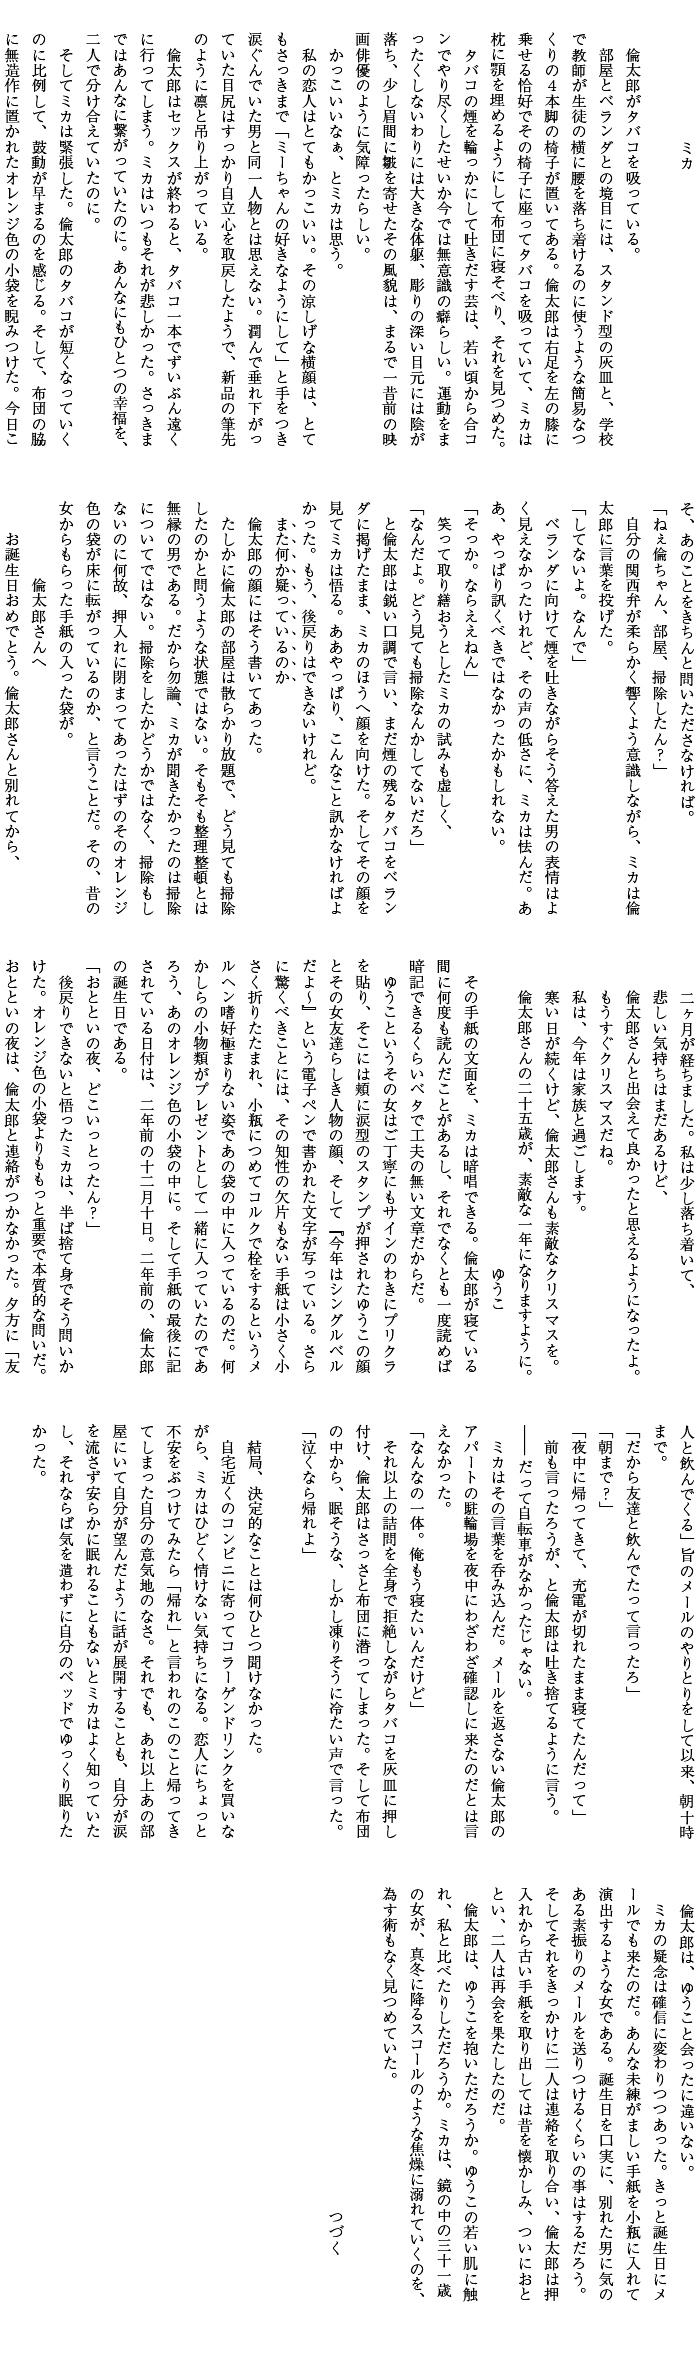 ii_01_q15_text2.jpg